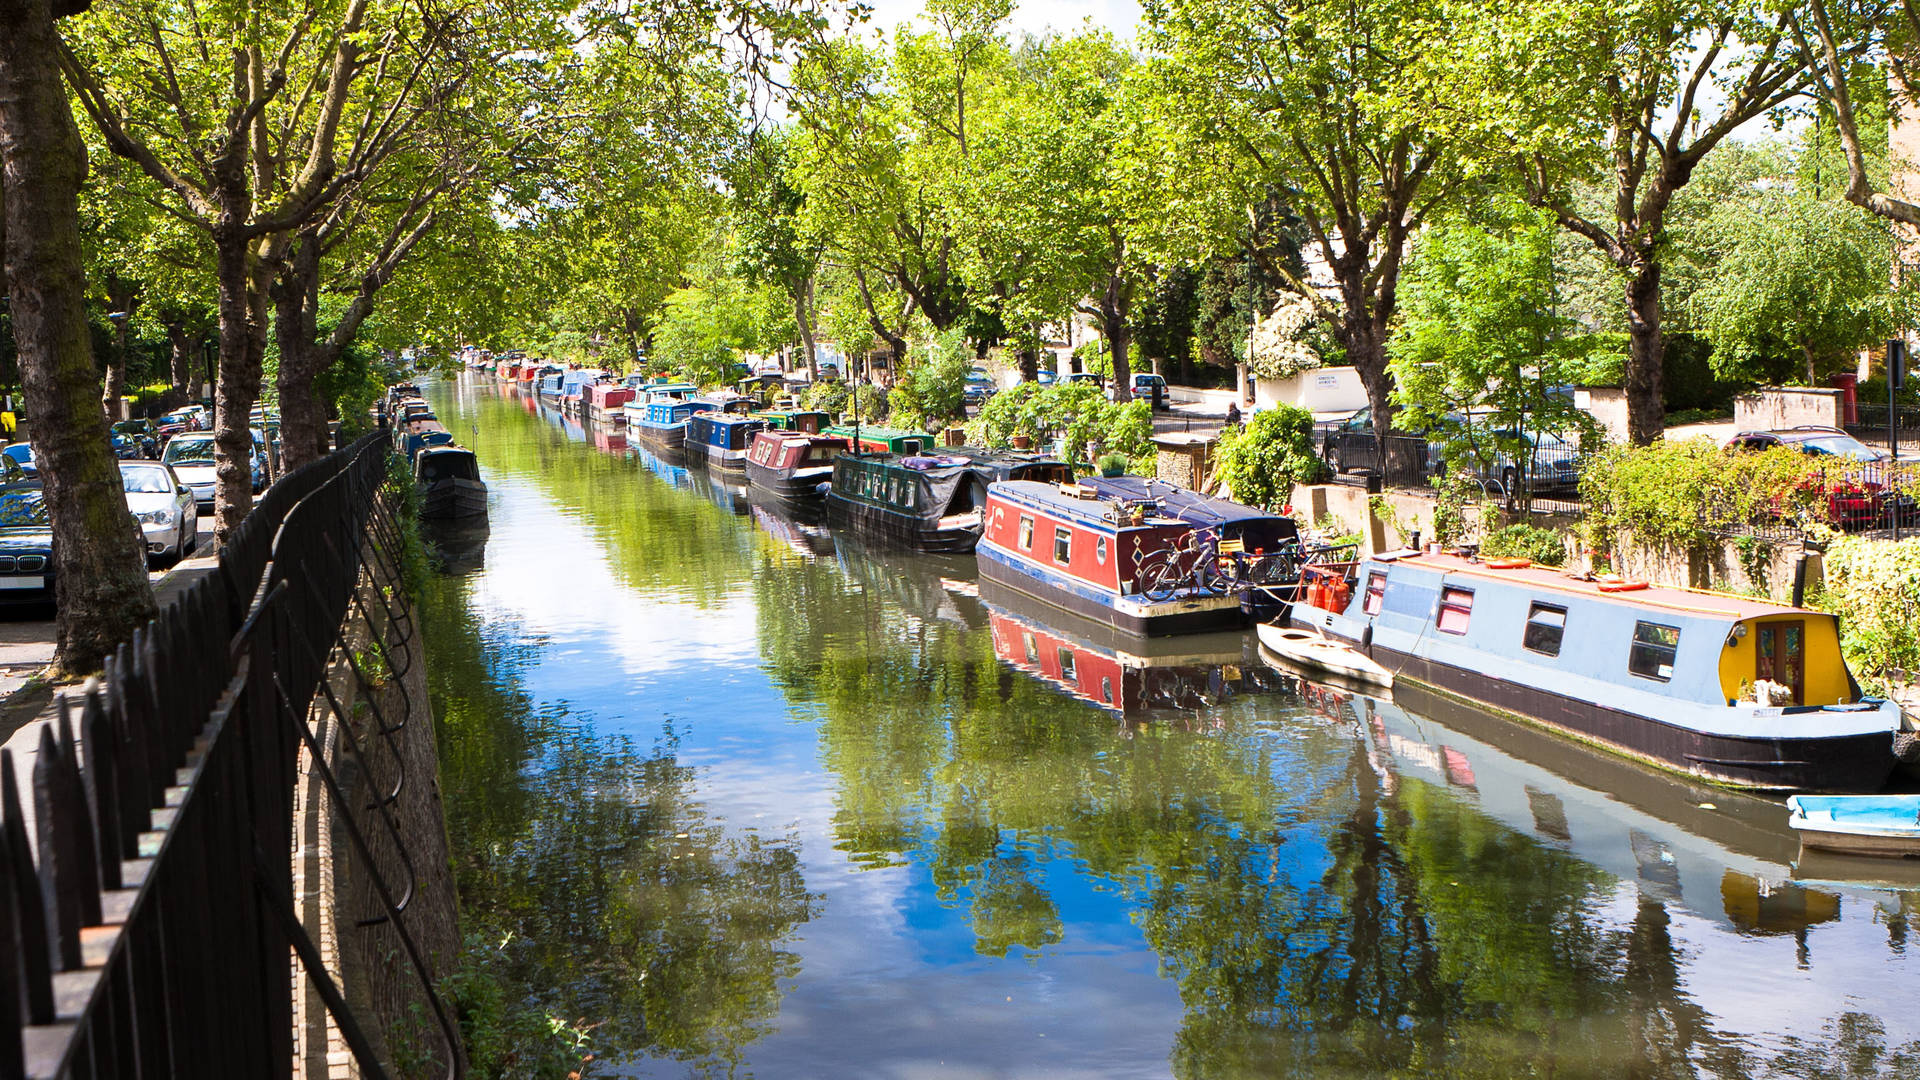 Regents Canal Little Venice London waterway